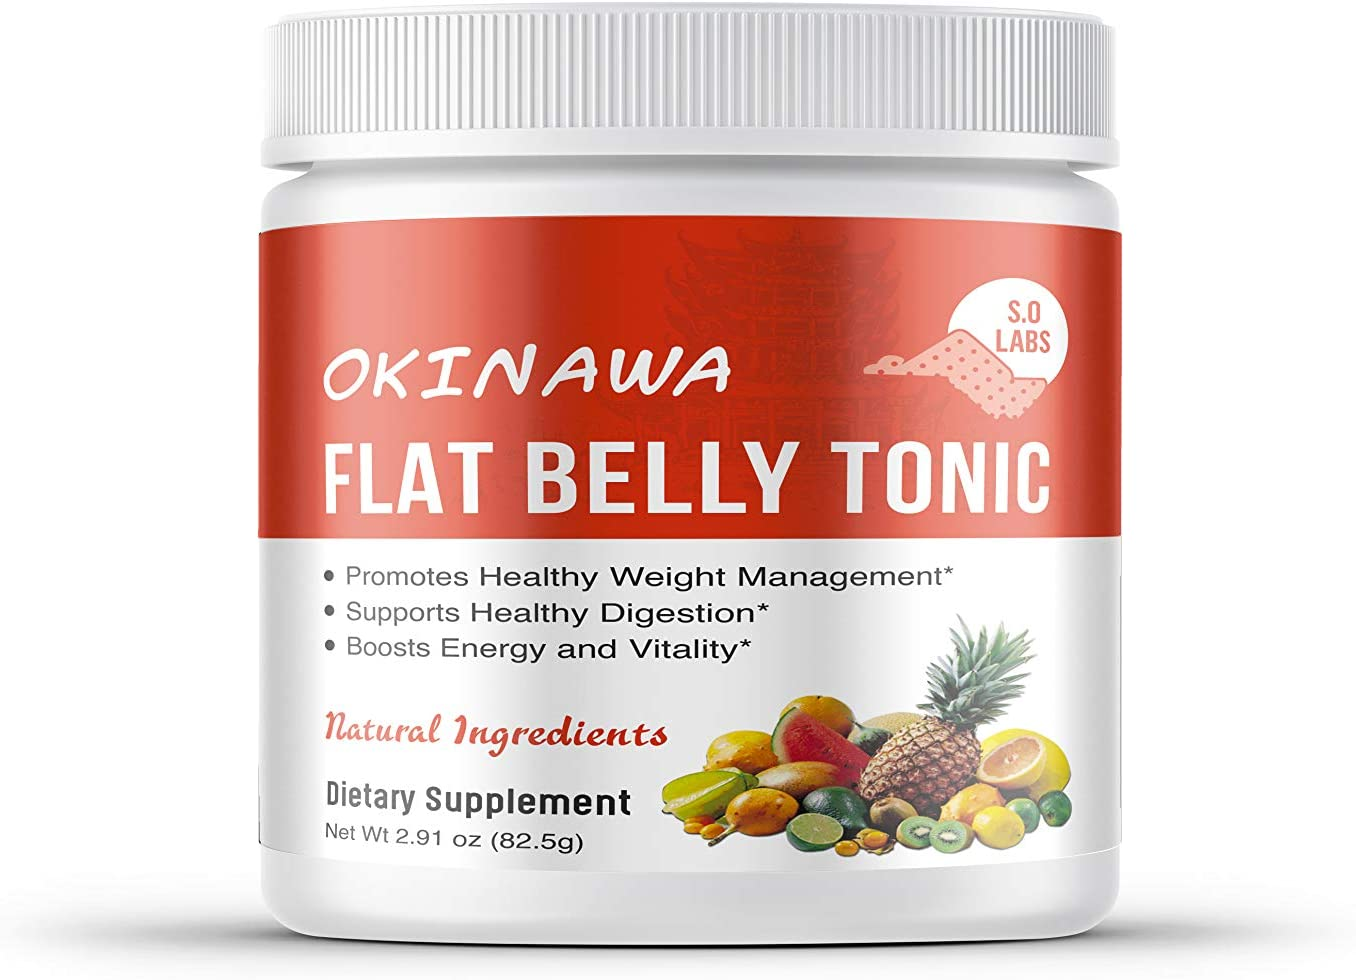 Amazon.com: Okinawa Flat Belly Tonic : Everything Else